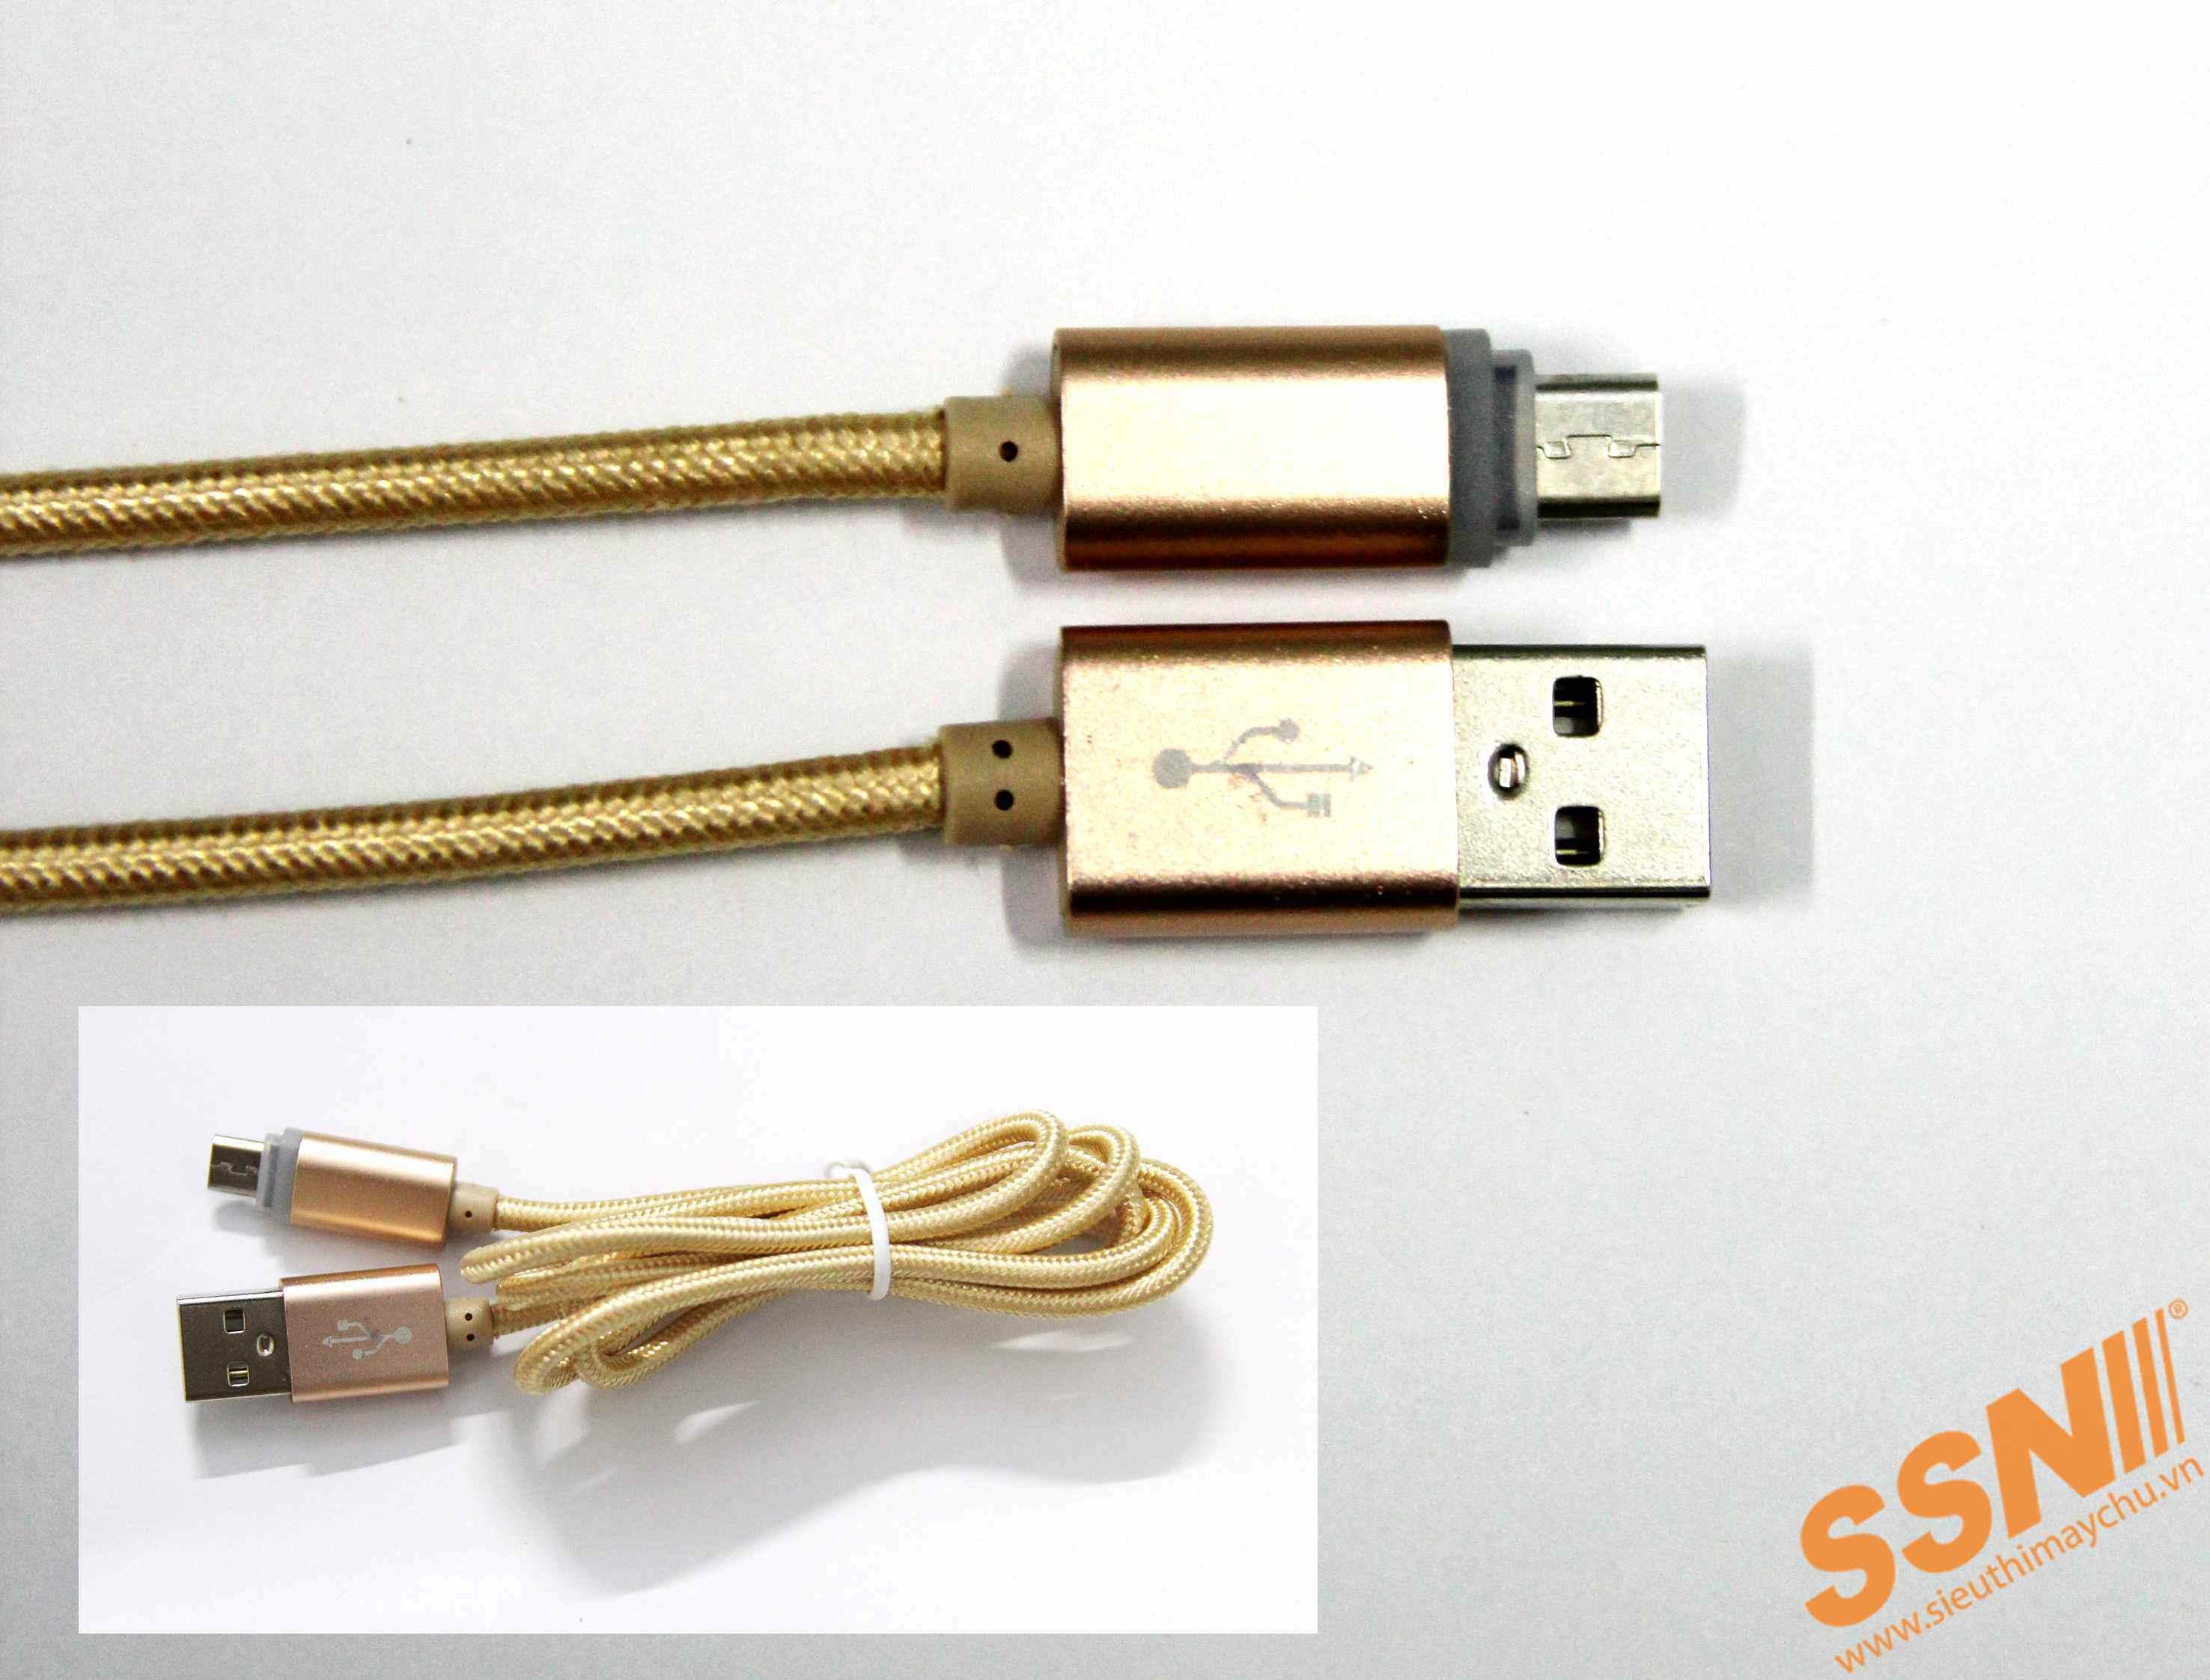 Cáp sạc Micro USB đa năng có đèn LED dạ quang (10PCS)